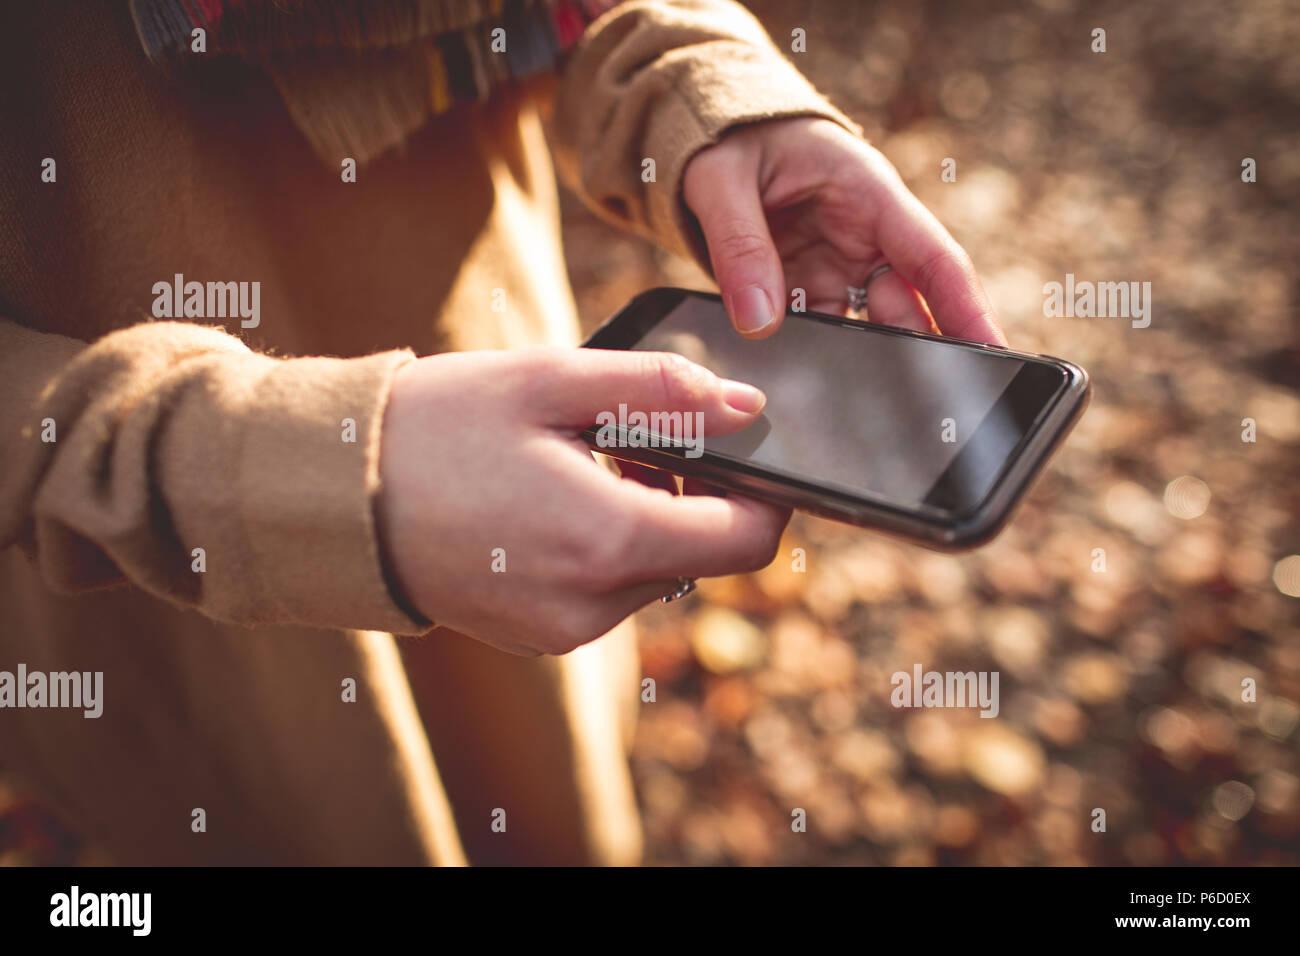 Mittleren Bereich der Frau mit Handy Stockfoto